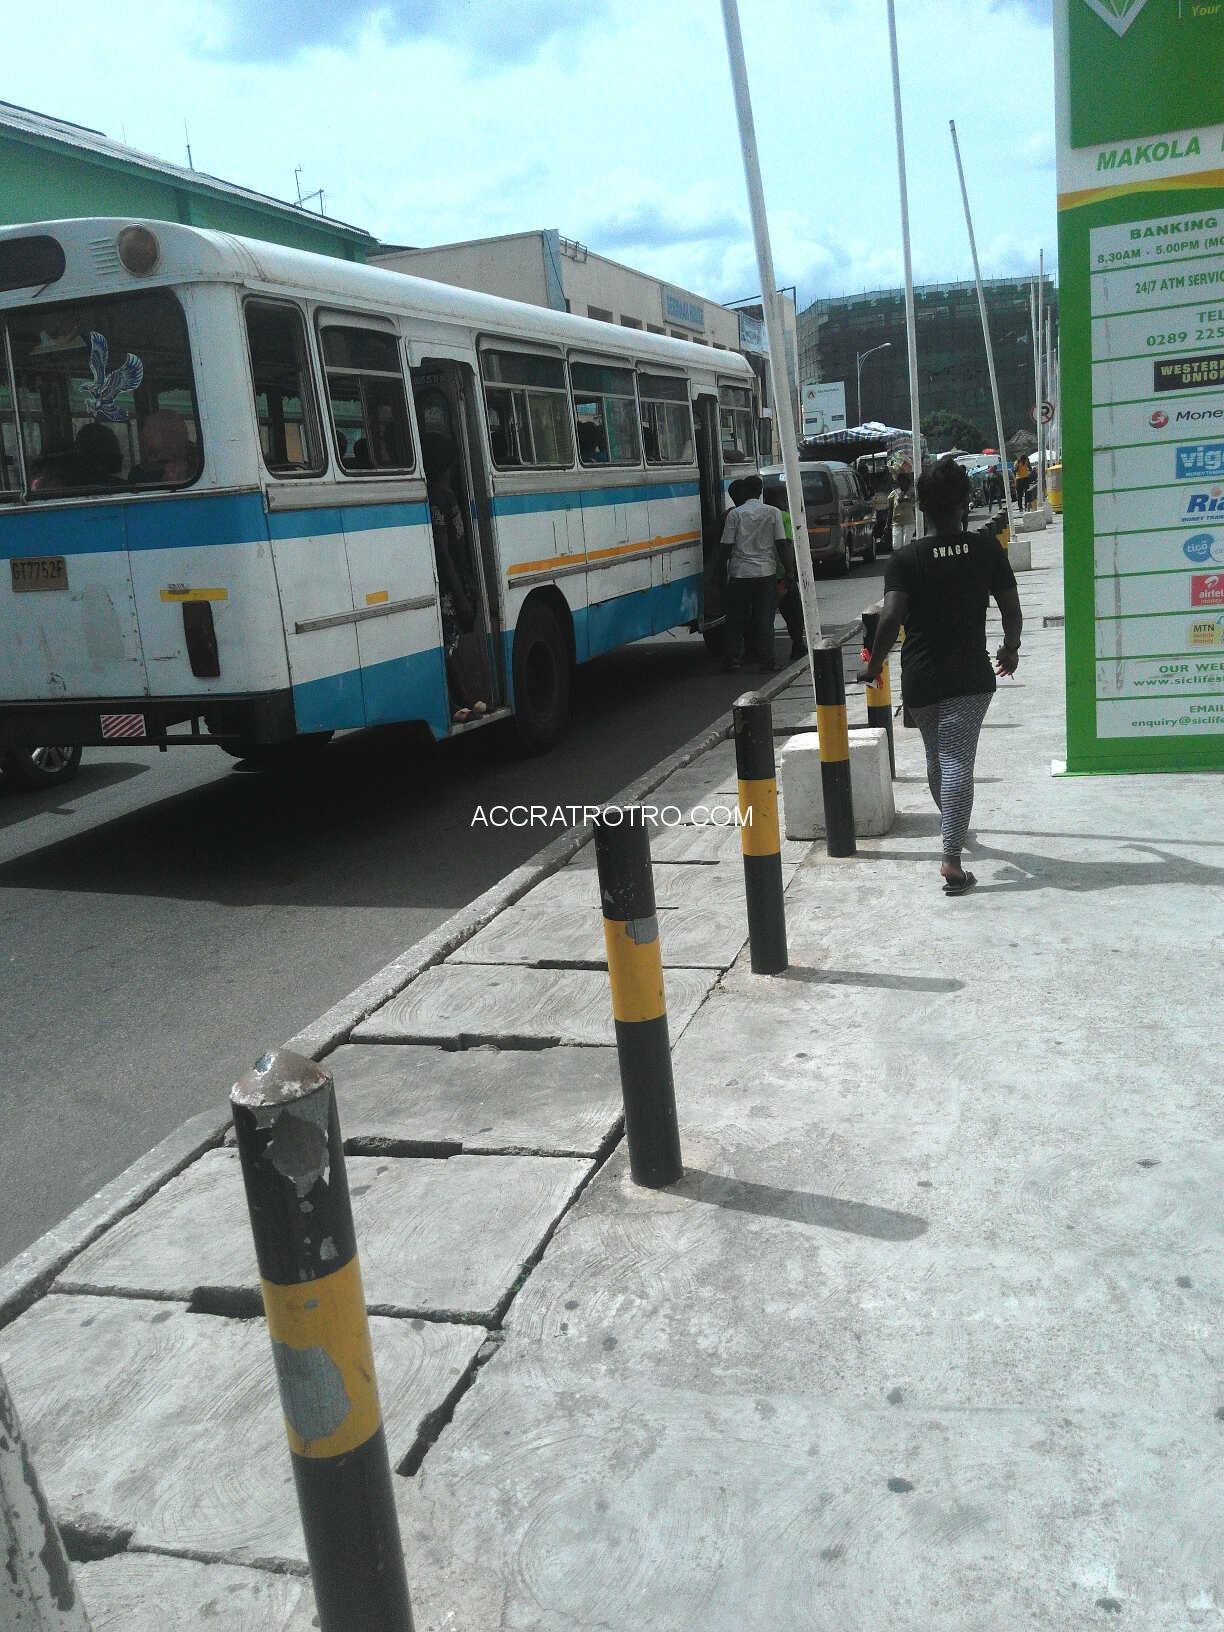 Accra trotro buses defy reduced capacity regulation